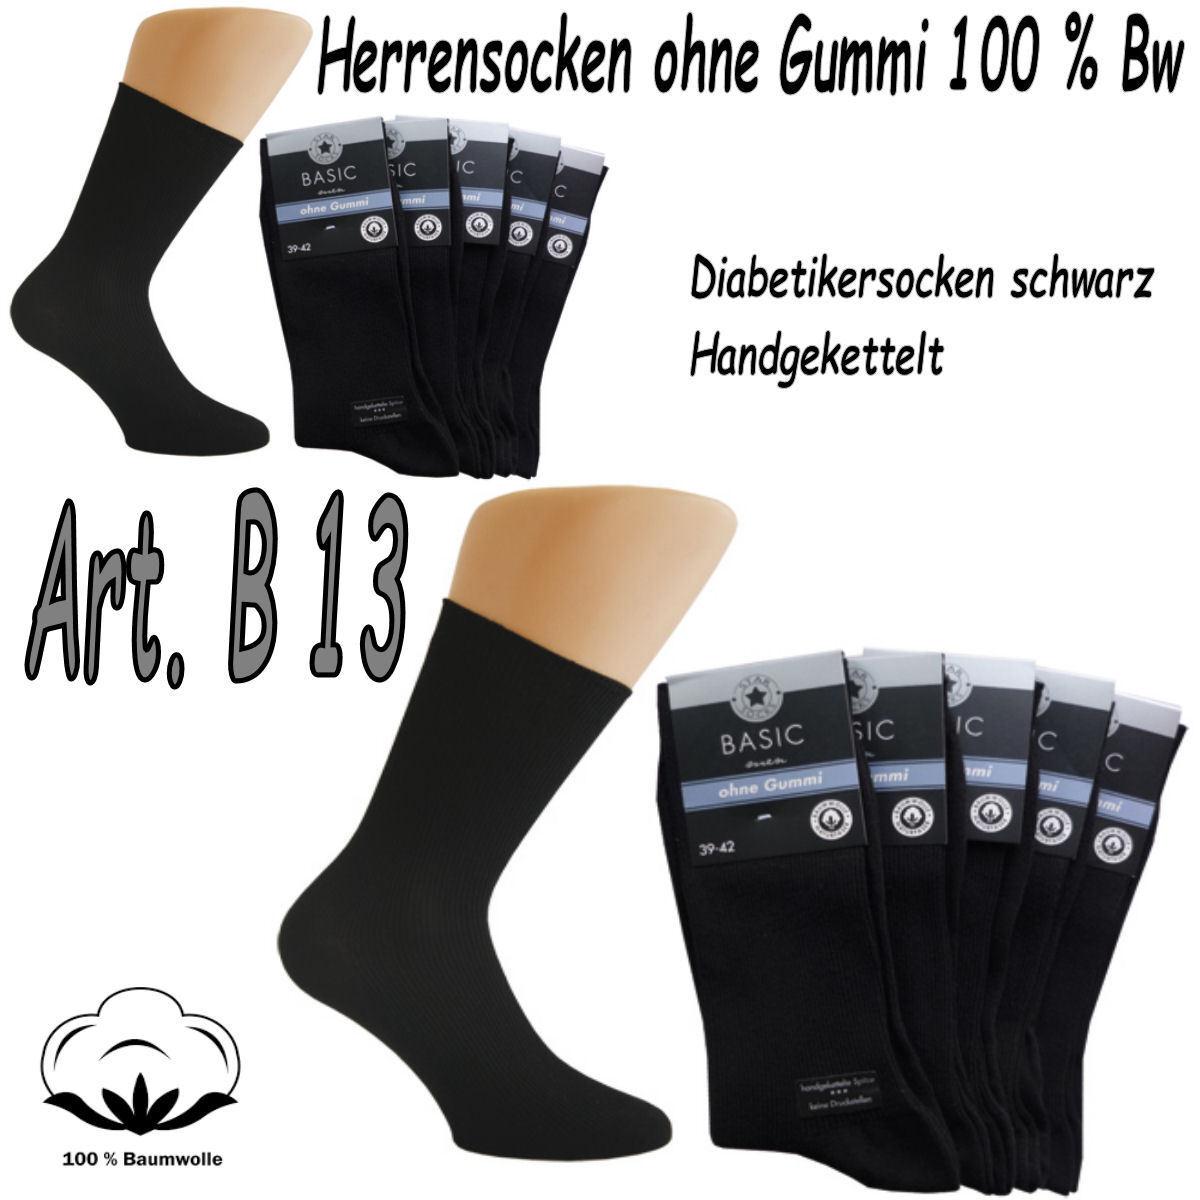 Herren Baumwollsocken Arbeitssocken Übergröße 100% Baumwolle schwarz OHNE GUMMI